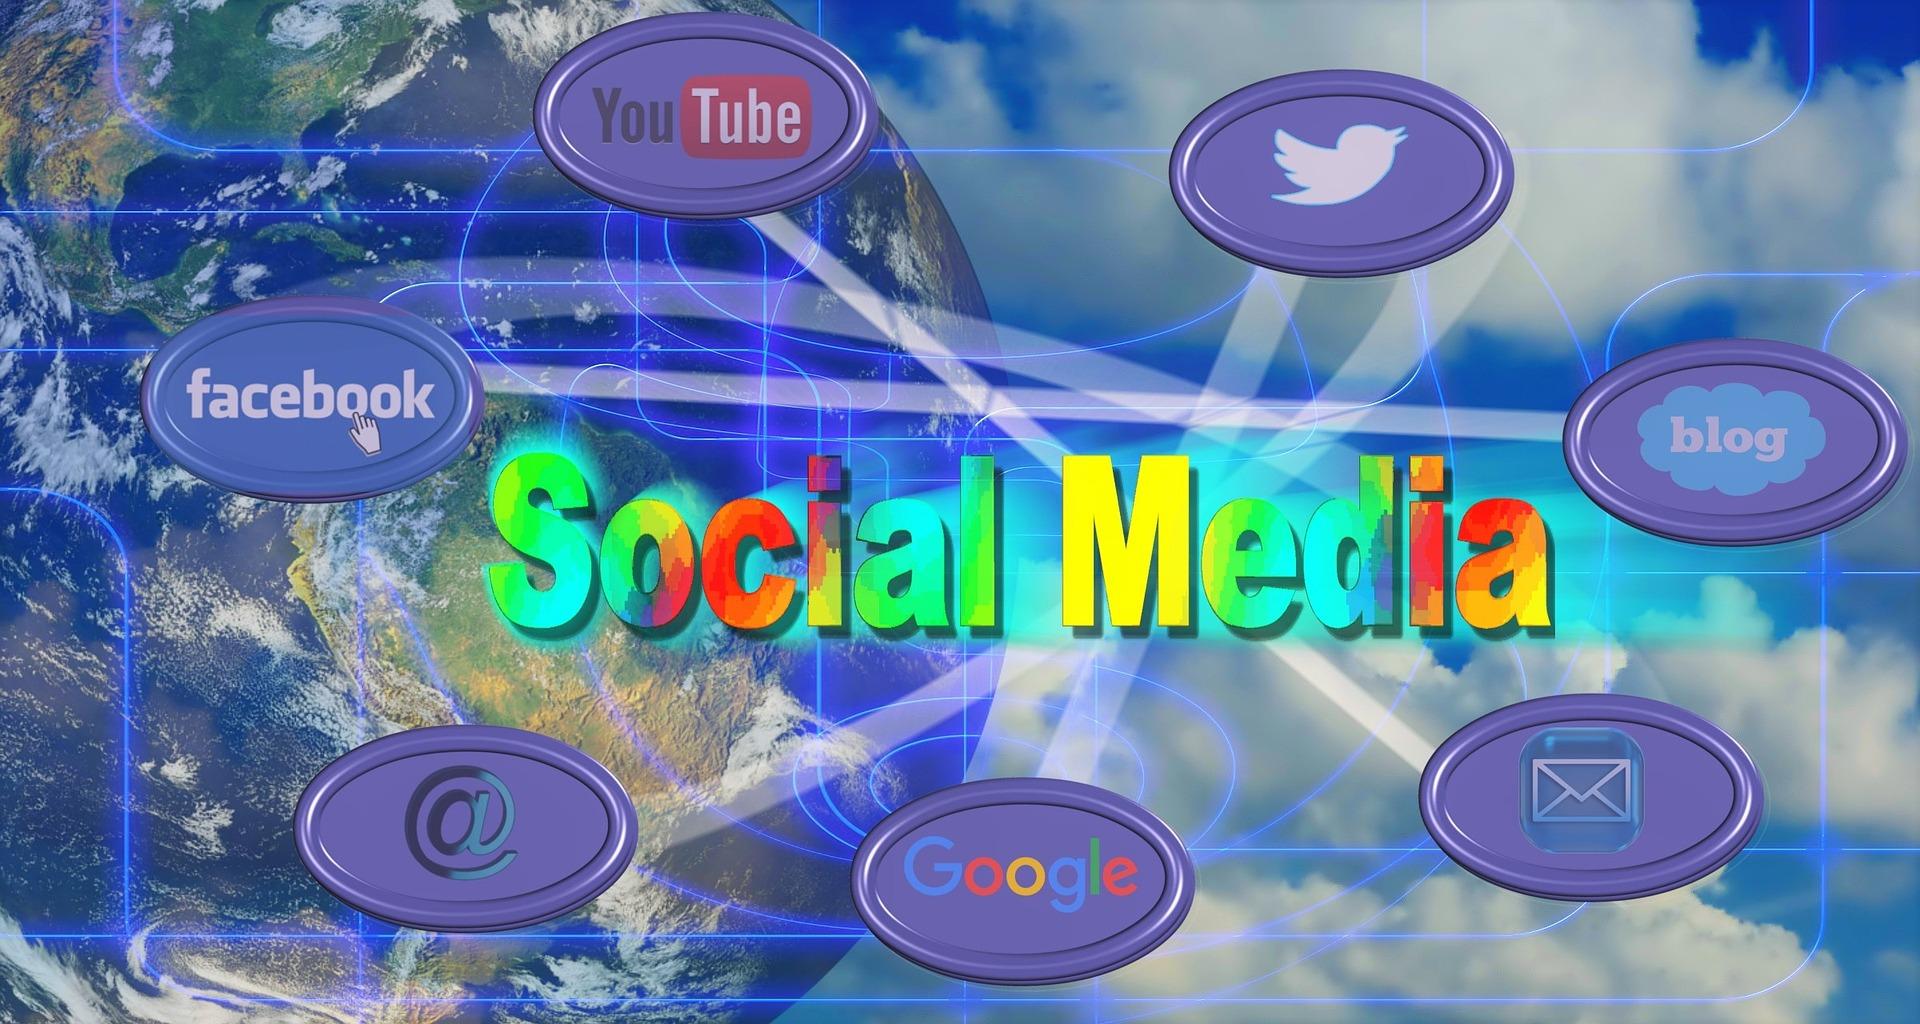 La mejor red social para tu empresa: Cómo escogerla y no morir en el intento…